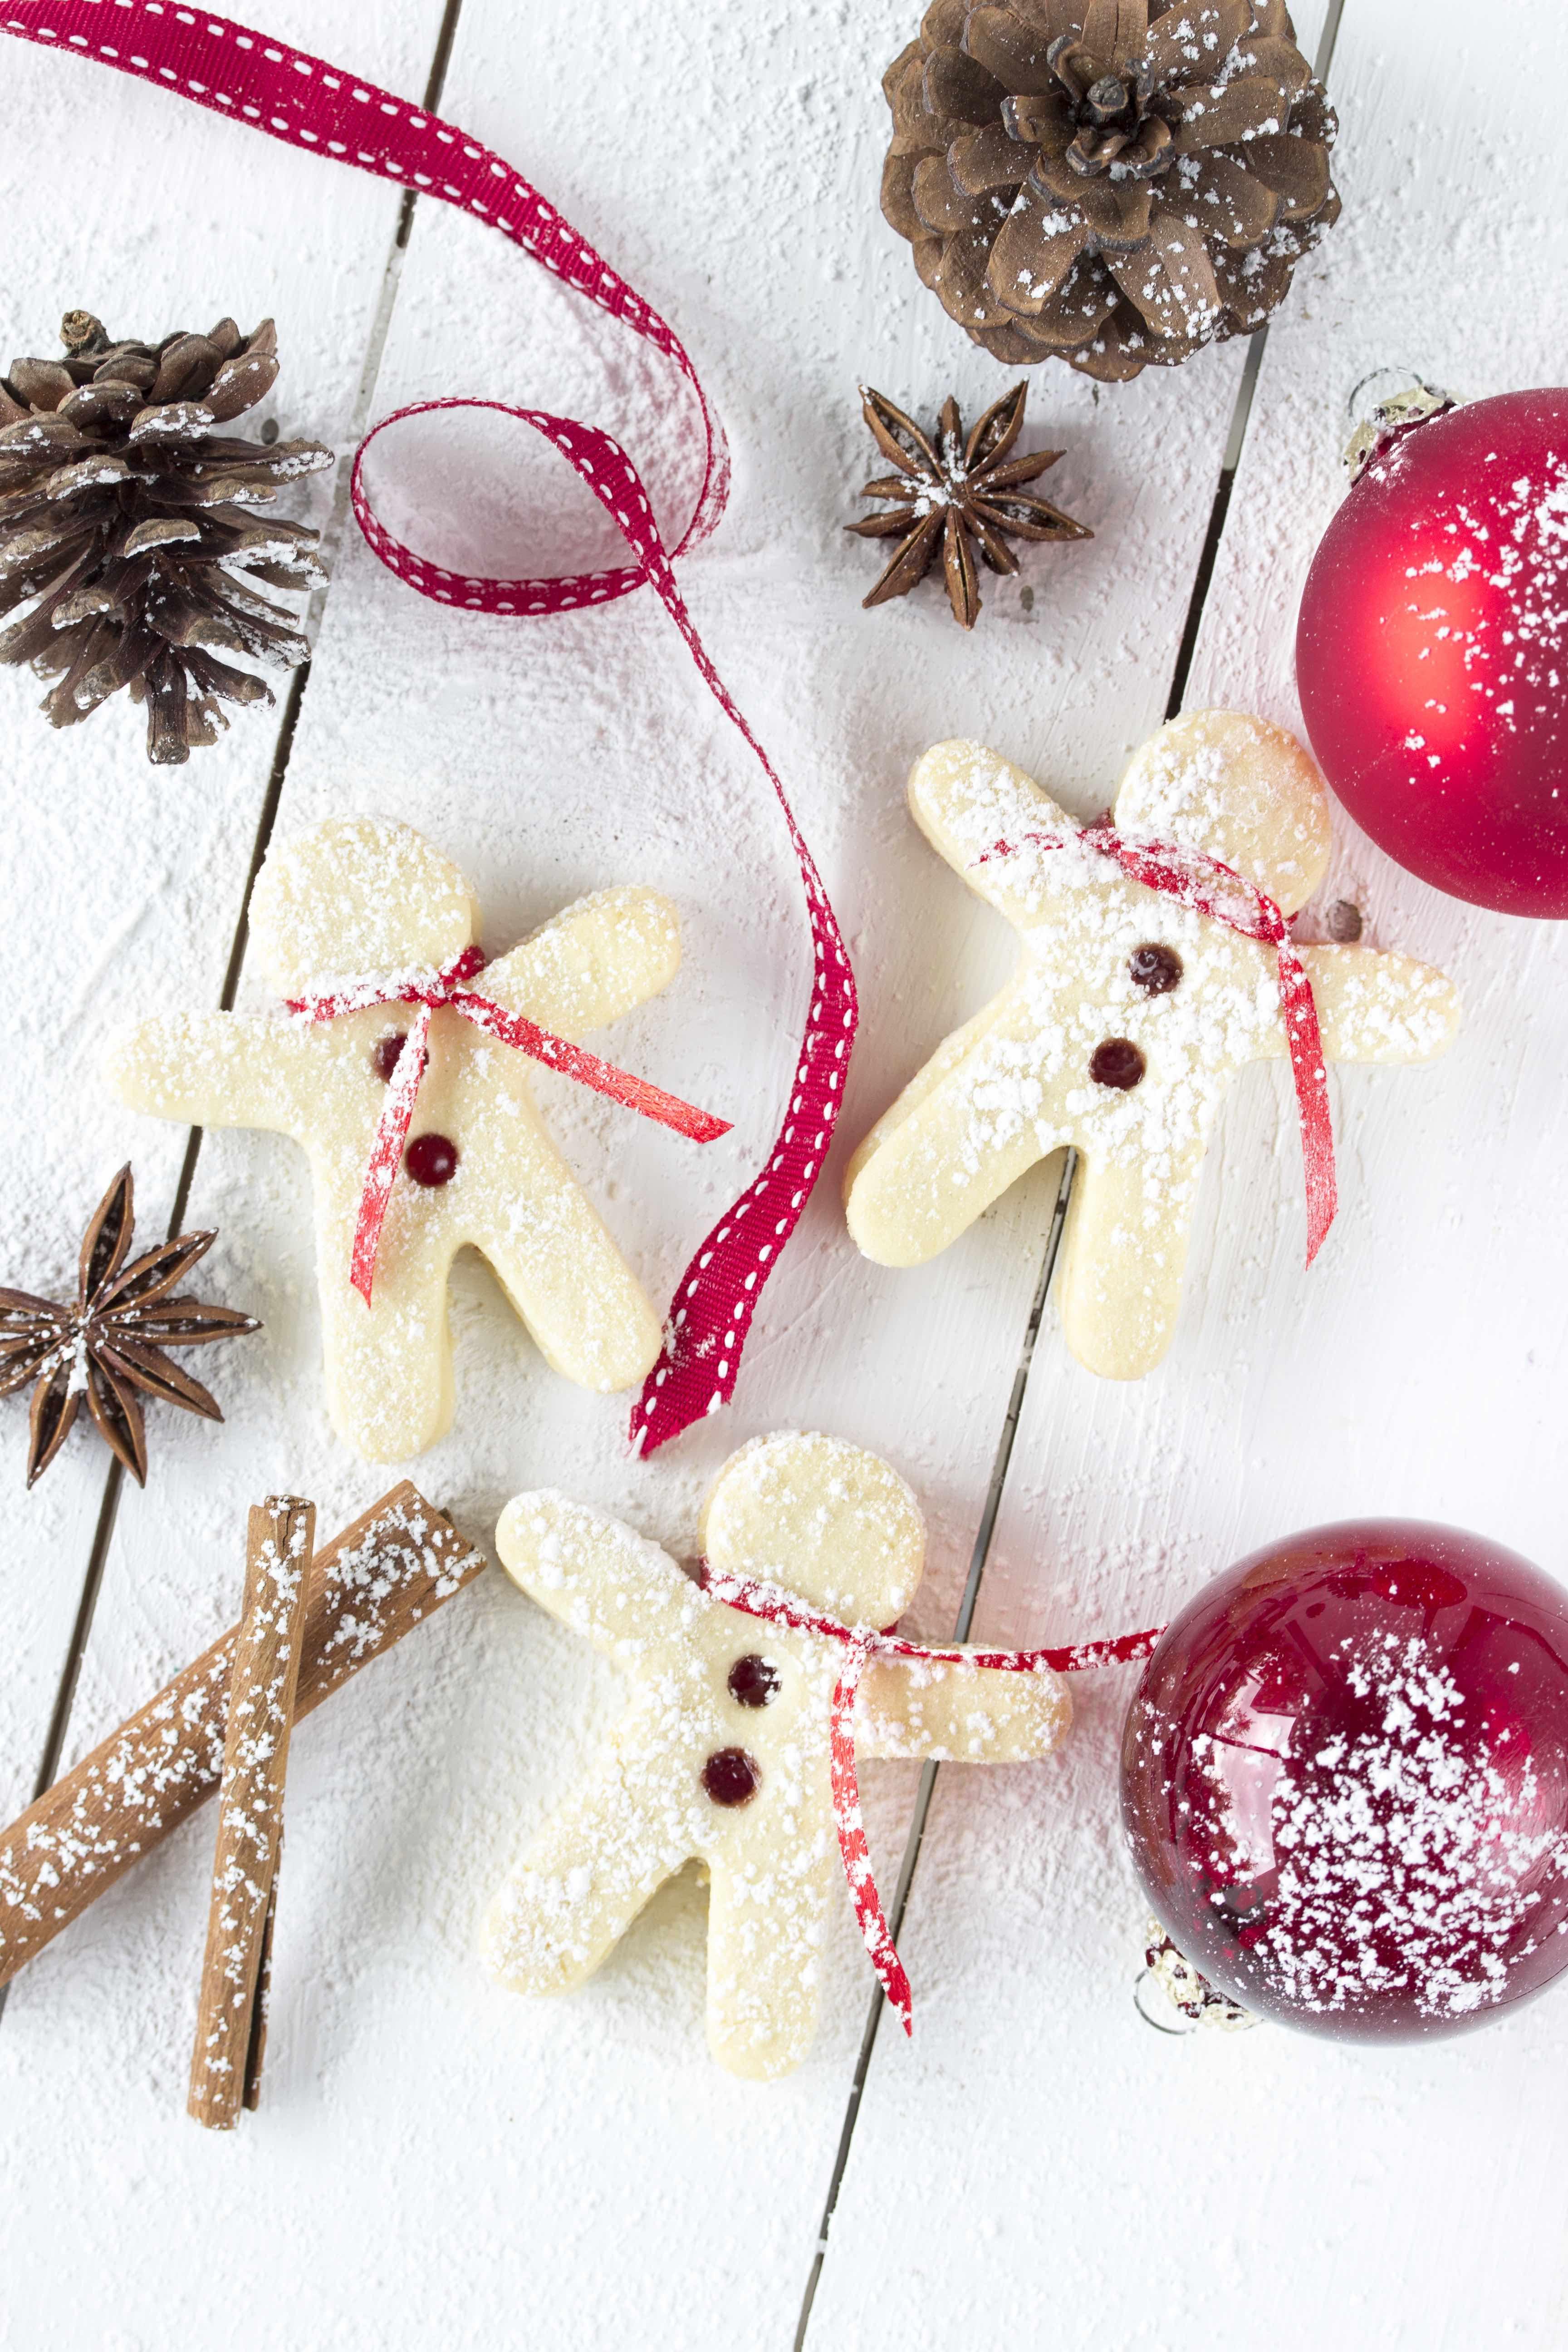 Rezept Spitzbuben Johannisbeergelee Linzer Plätzchen Weihnachten Backen